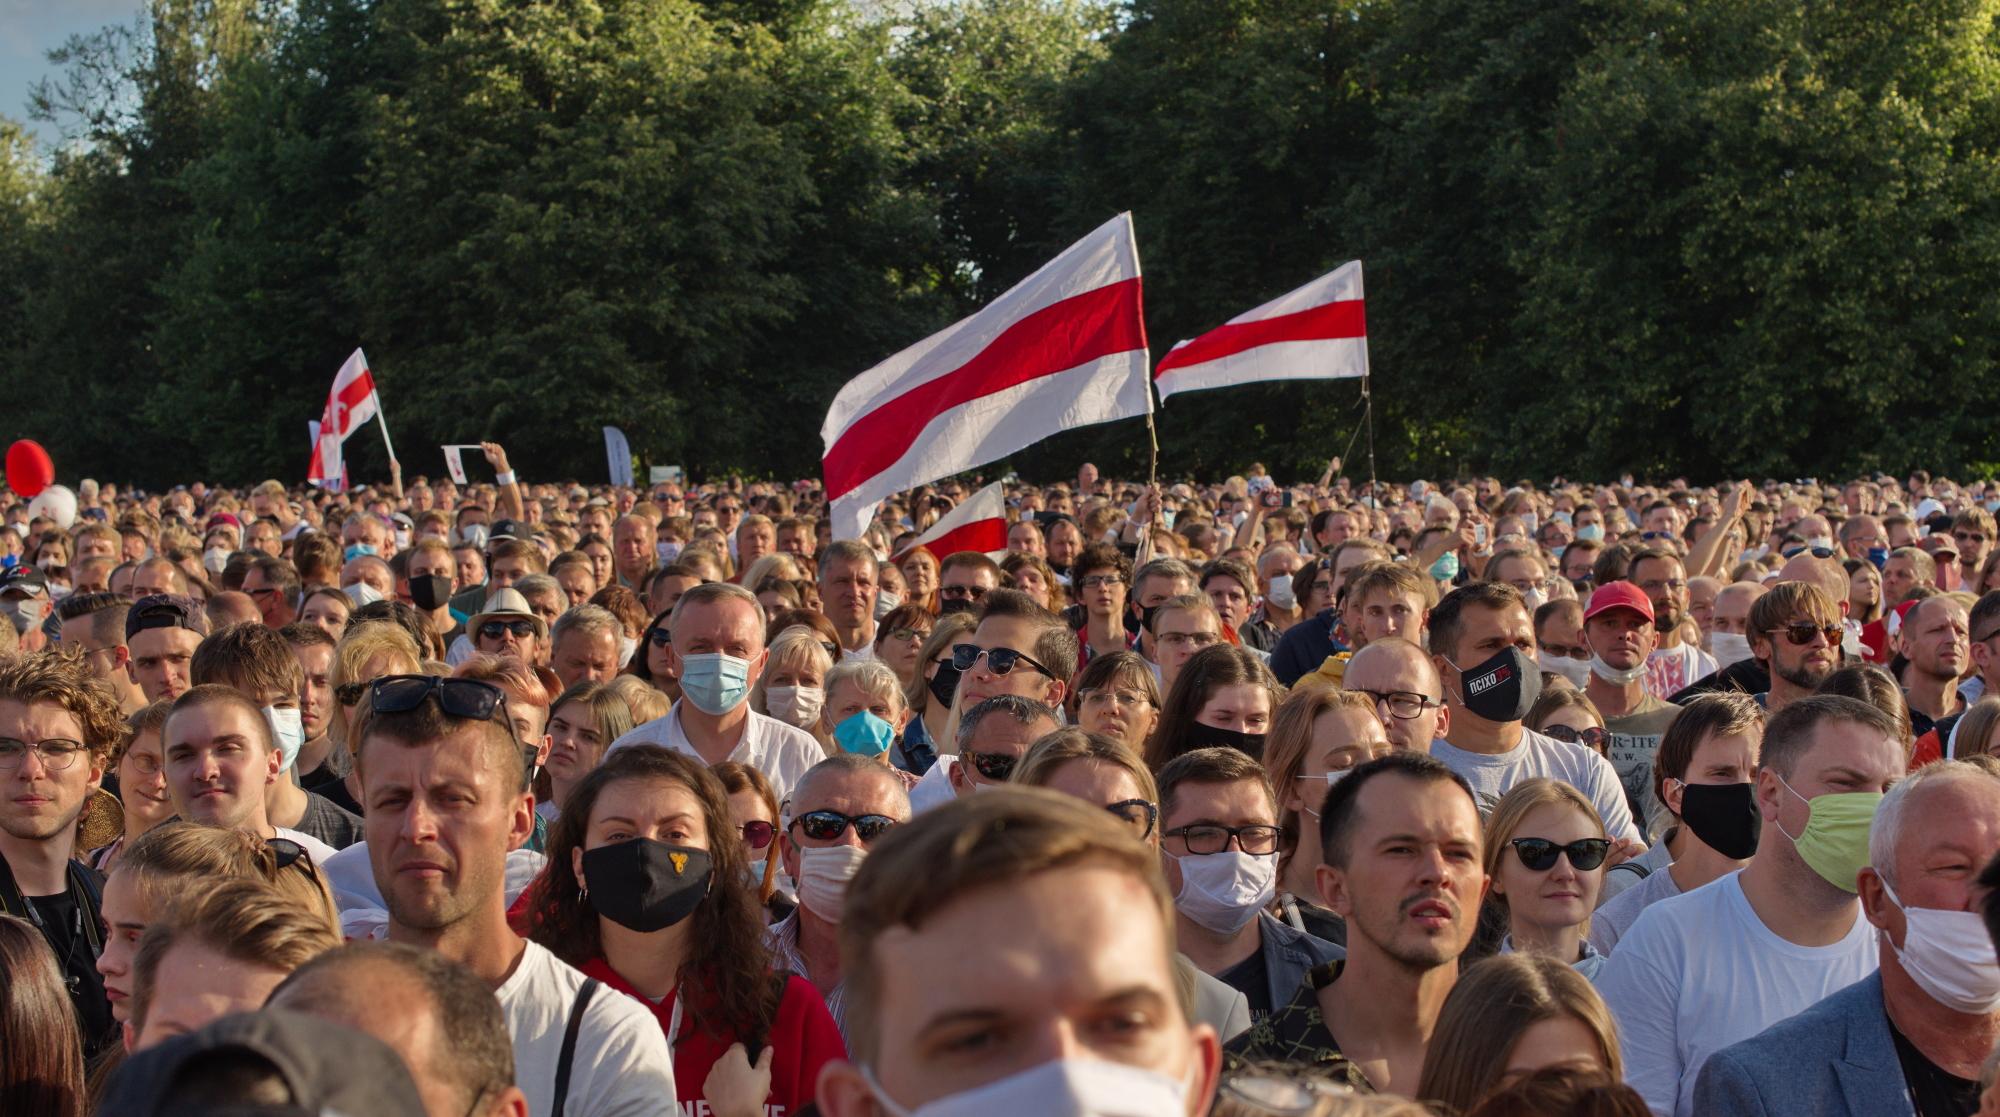 Łukaszenka spalił wszystkie mosty w kontaktach międzynarodowych. Zachowuje się tak, jakby już nie liczył na jakąkolwiek normalizację stosunków z kimkolwiek. Moim zdaniem jest dryf przed upadkiem. Trudno jednak powiedzieć, jak długo ta sytuacja będzie trwała. Im dłużej tym gorzej dla Białorusi i Białorusinów - mówi Aleś Alachnovič, przedstawiciel do spraw reform gospodarczych białoruskiej prezydent elekt, Swiatłany Cichanouskiej. Fot. Shutterstock